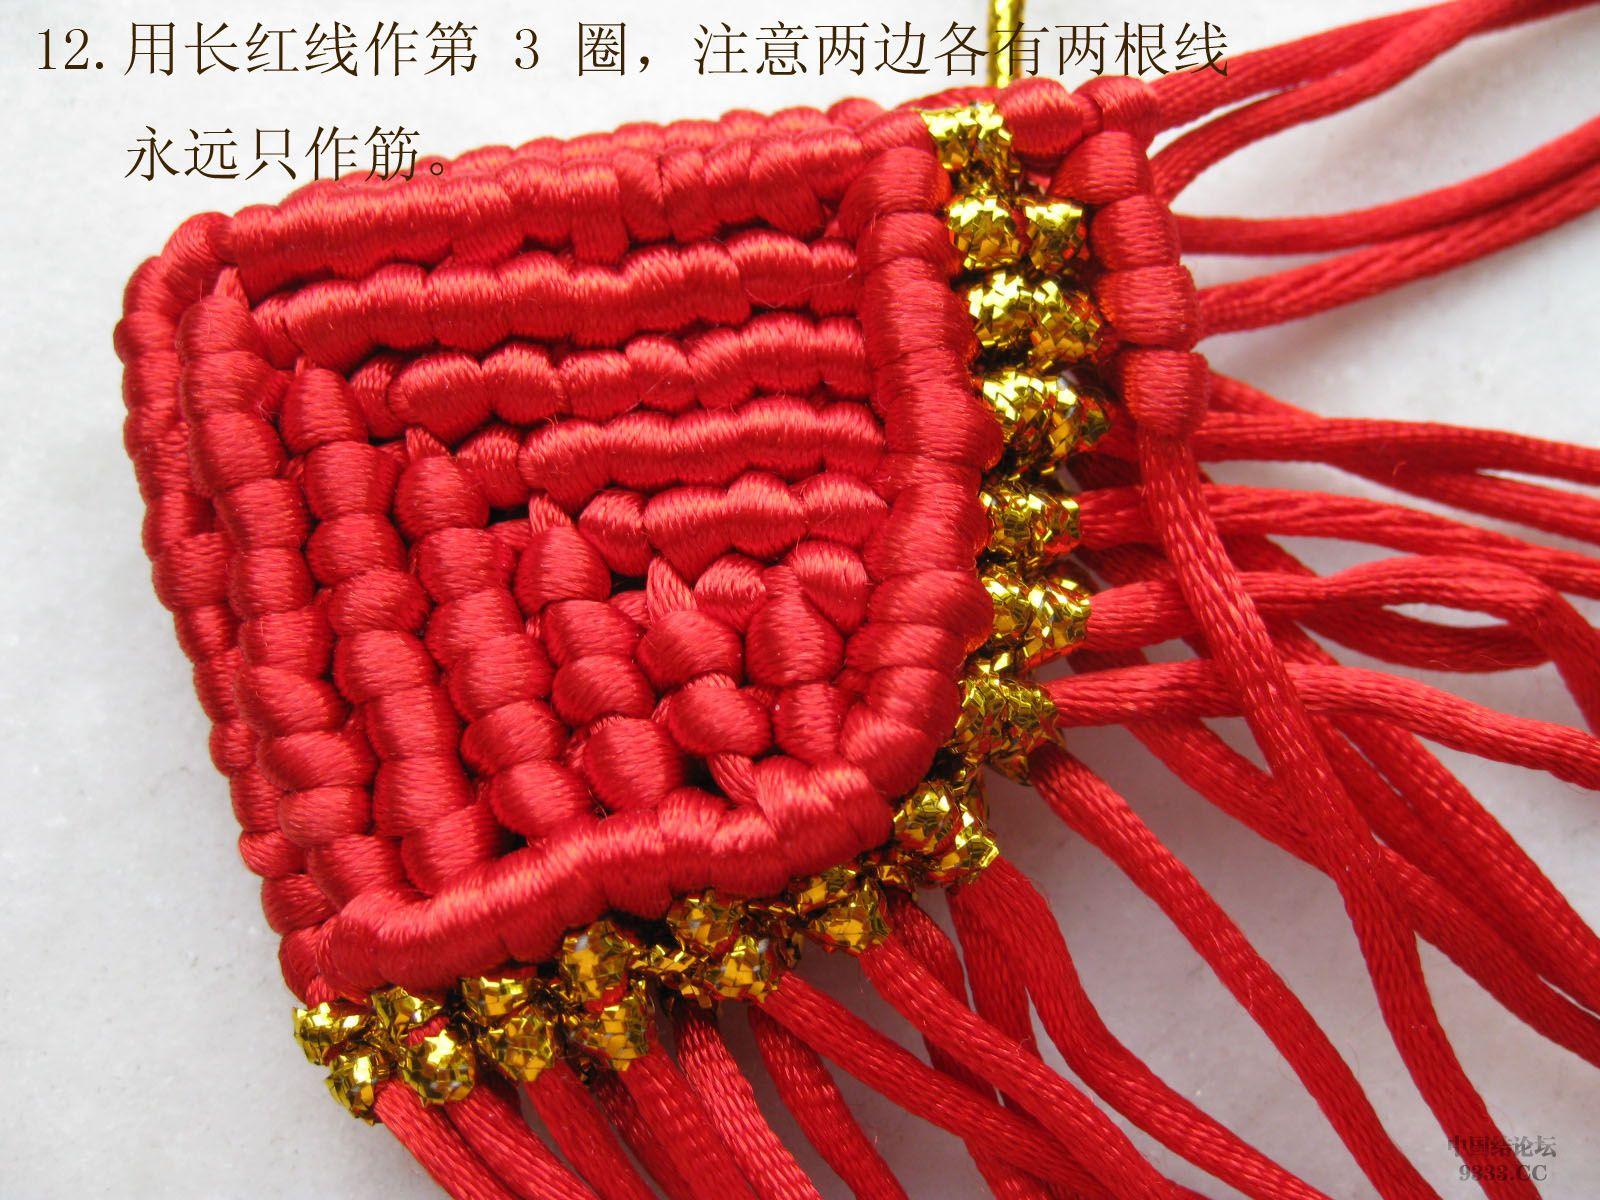 中国结论坛 我发一个鲤鱼教程  立体绳结教程与交流区 0909160712e948e0ccca0575a6